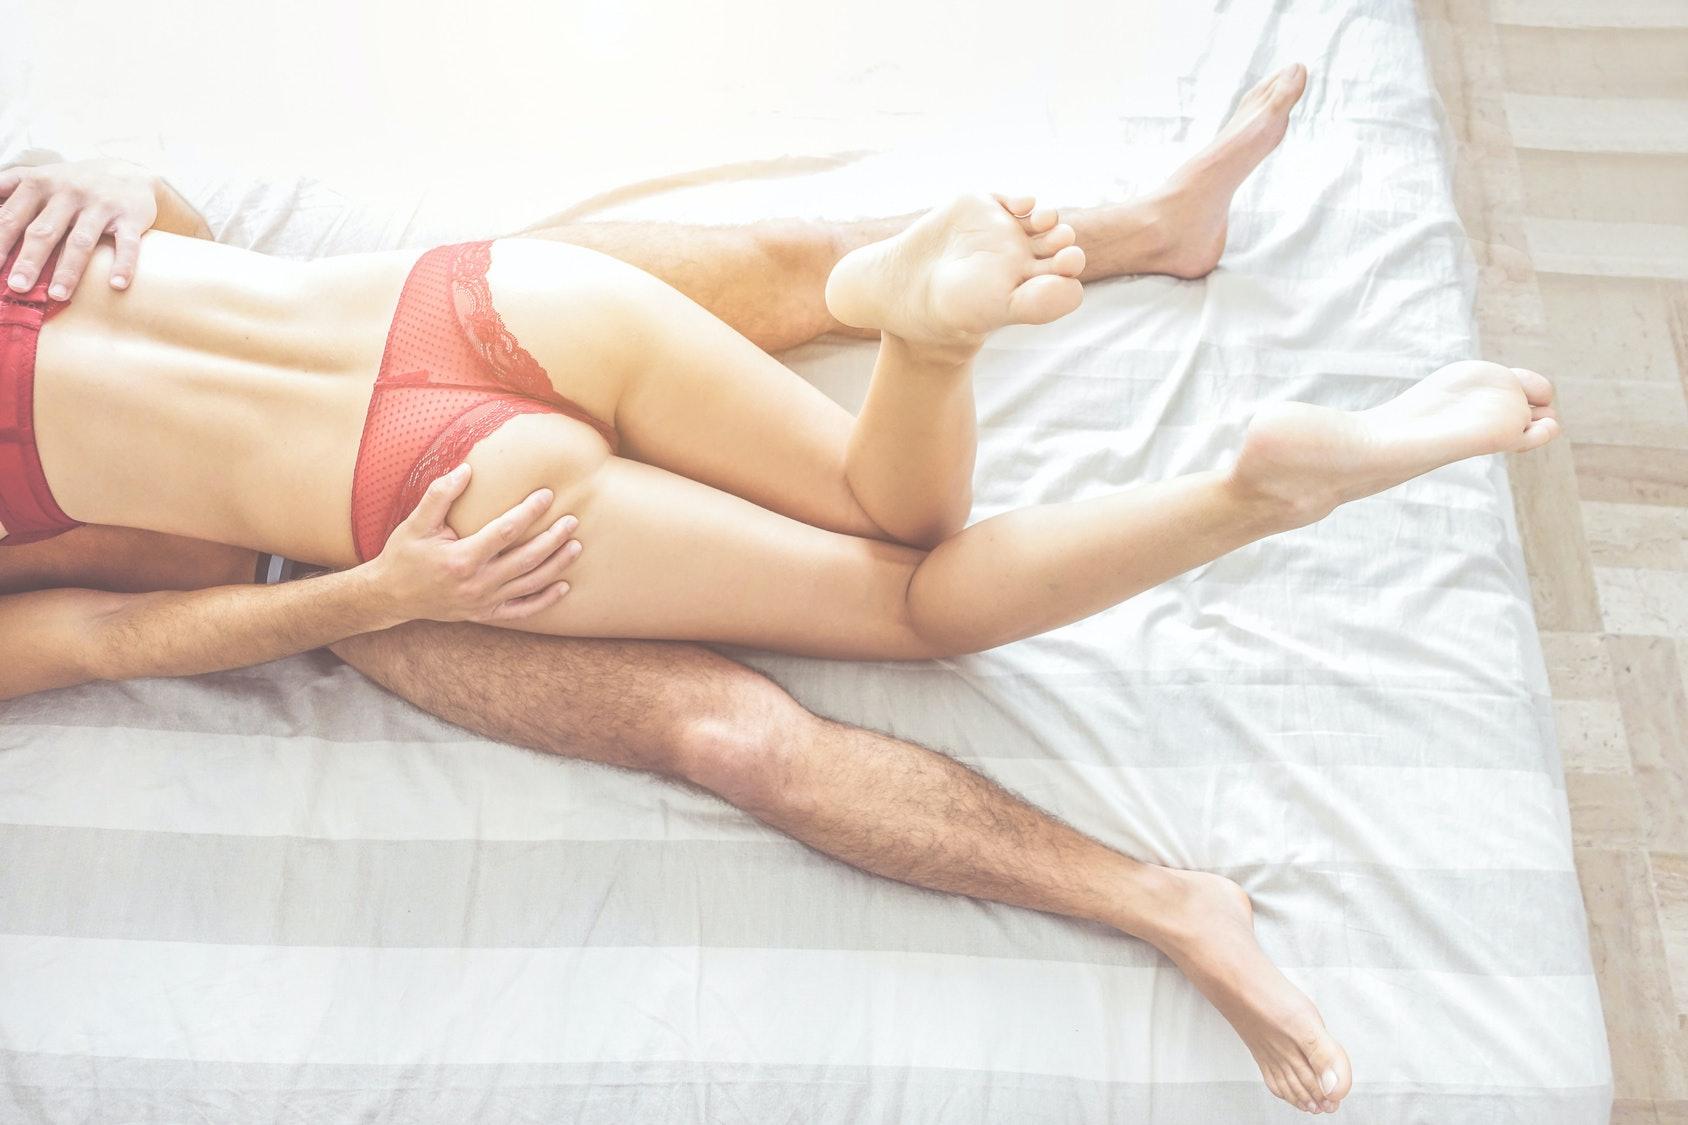 online dating wisconsin